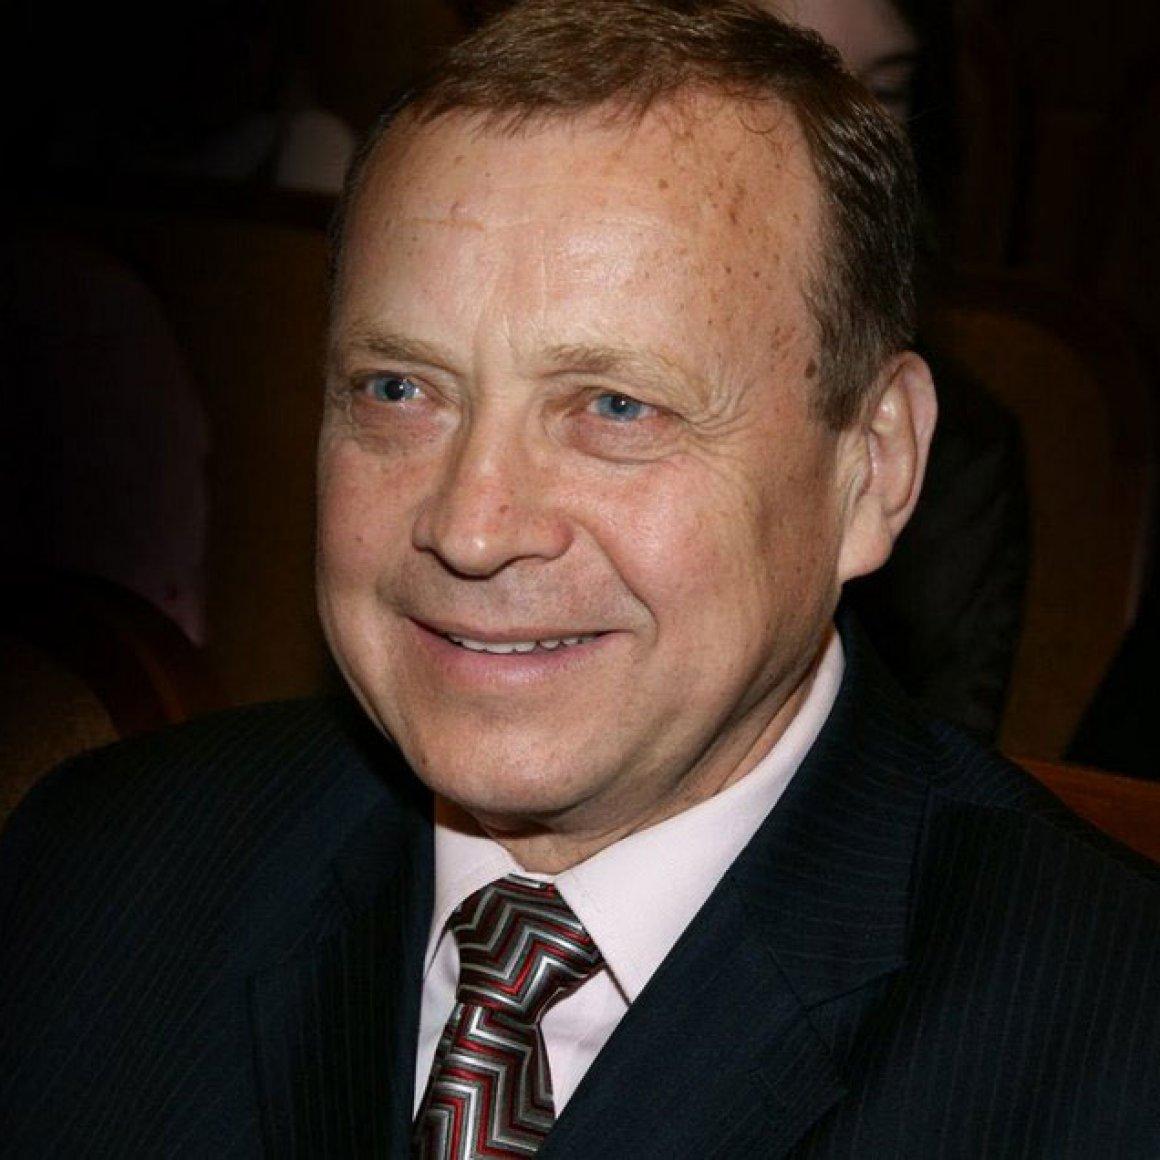 Komanda-Efimov